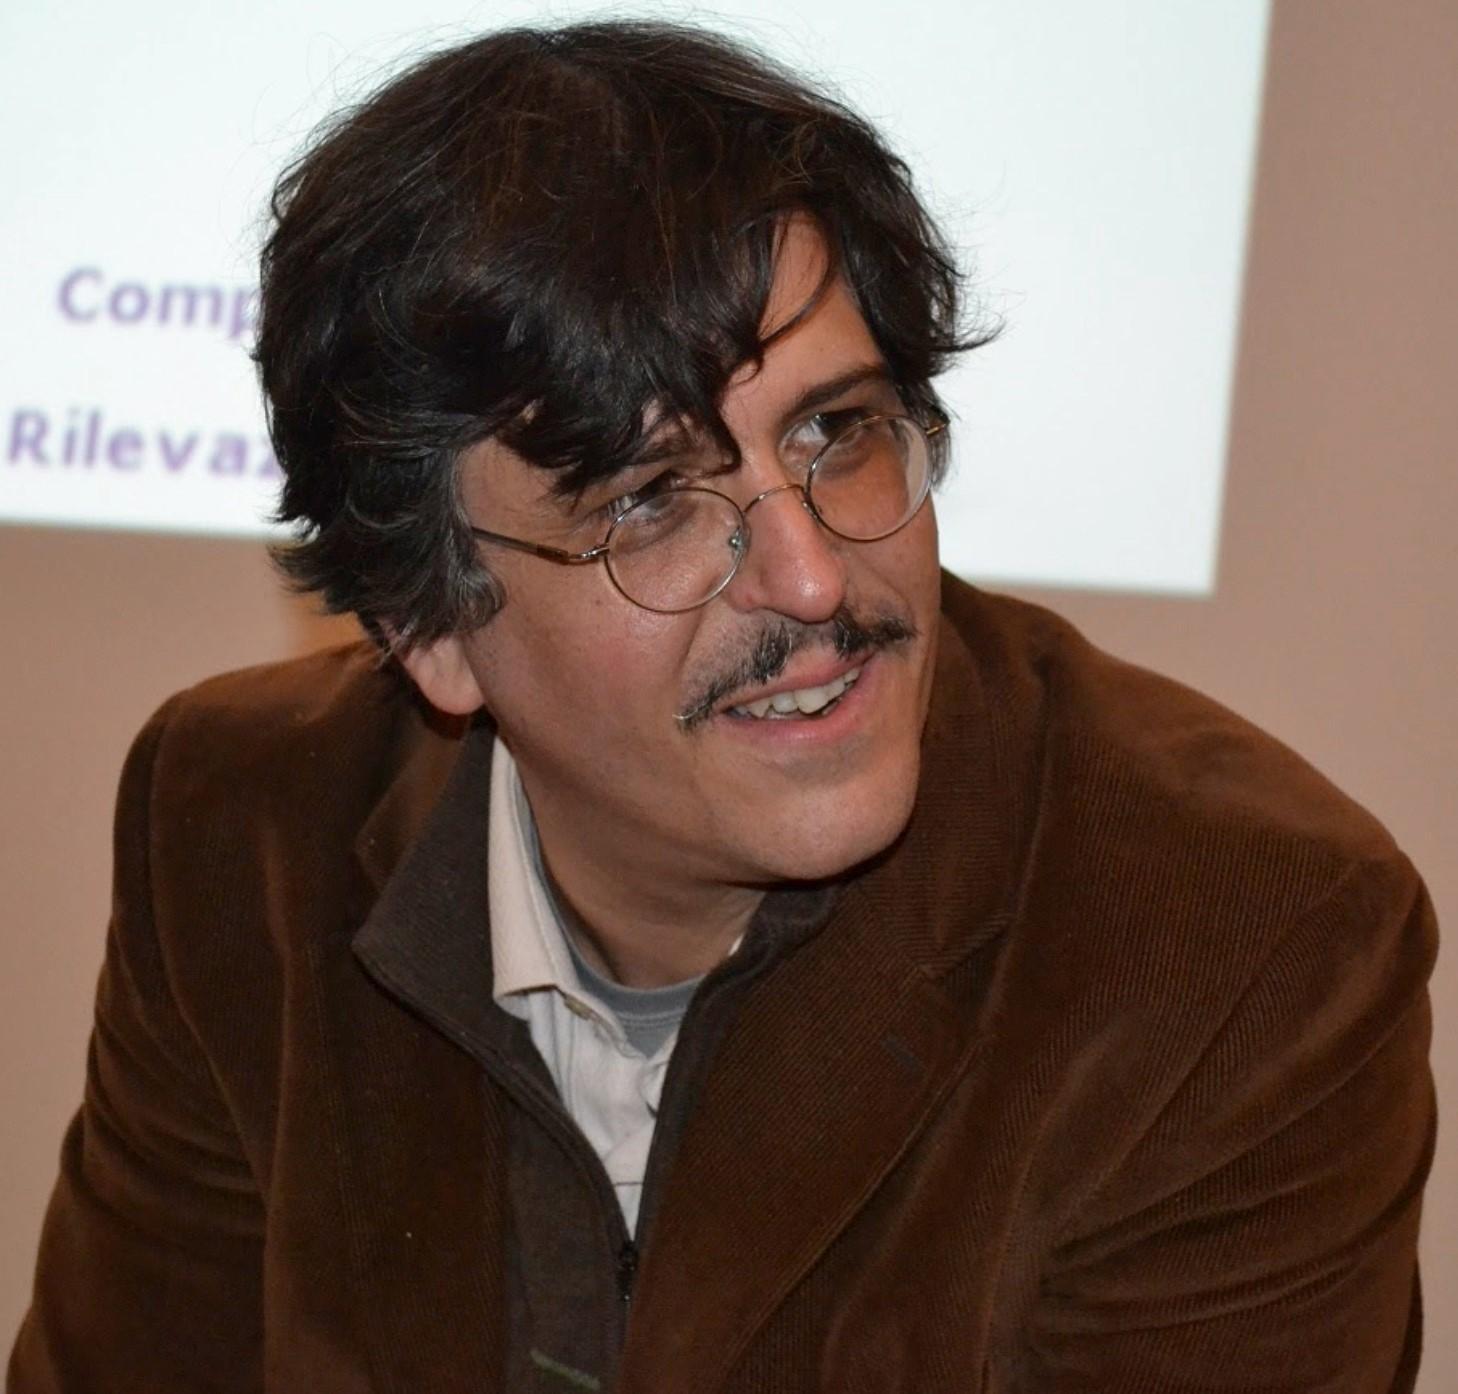 Vito mocella